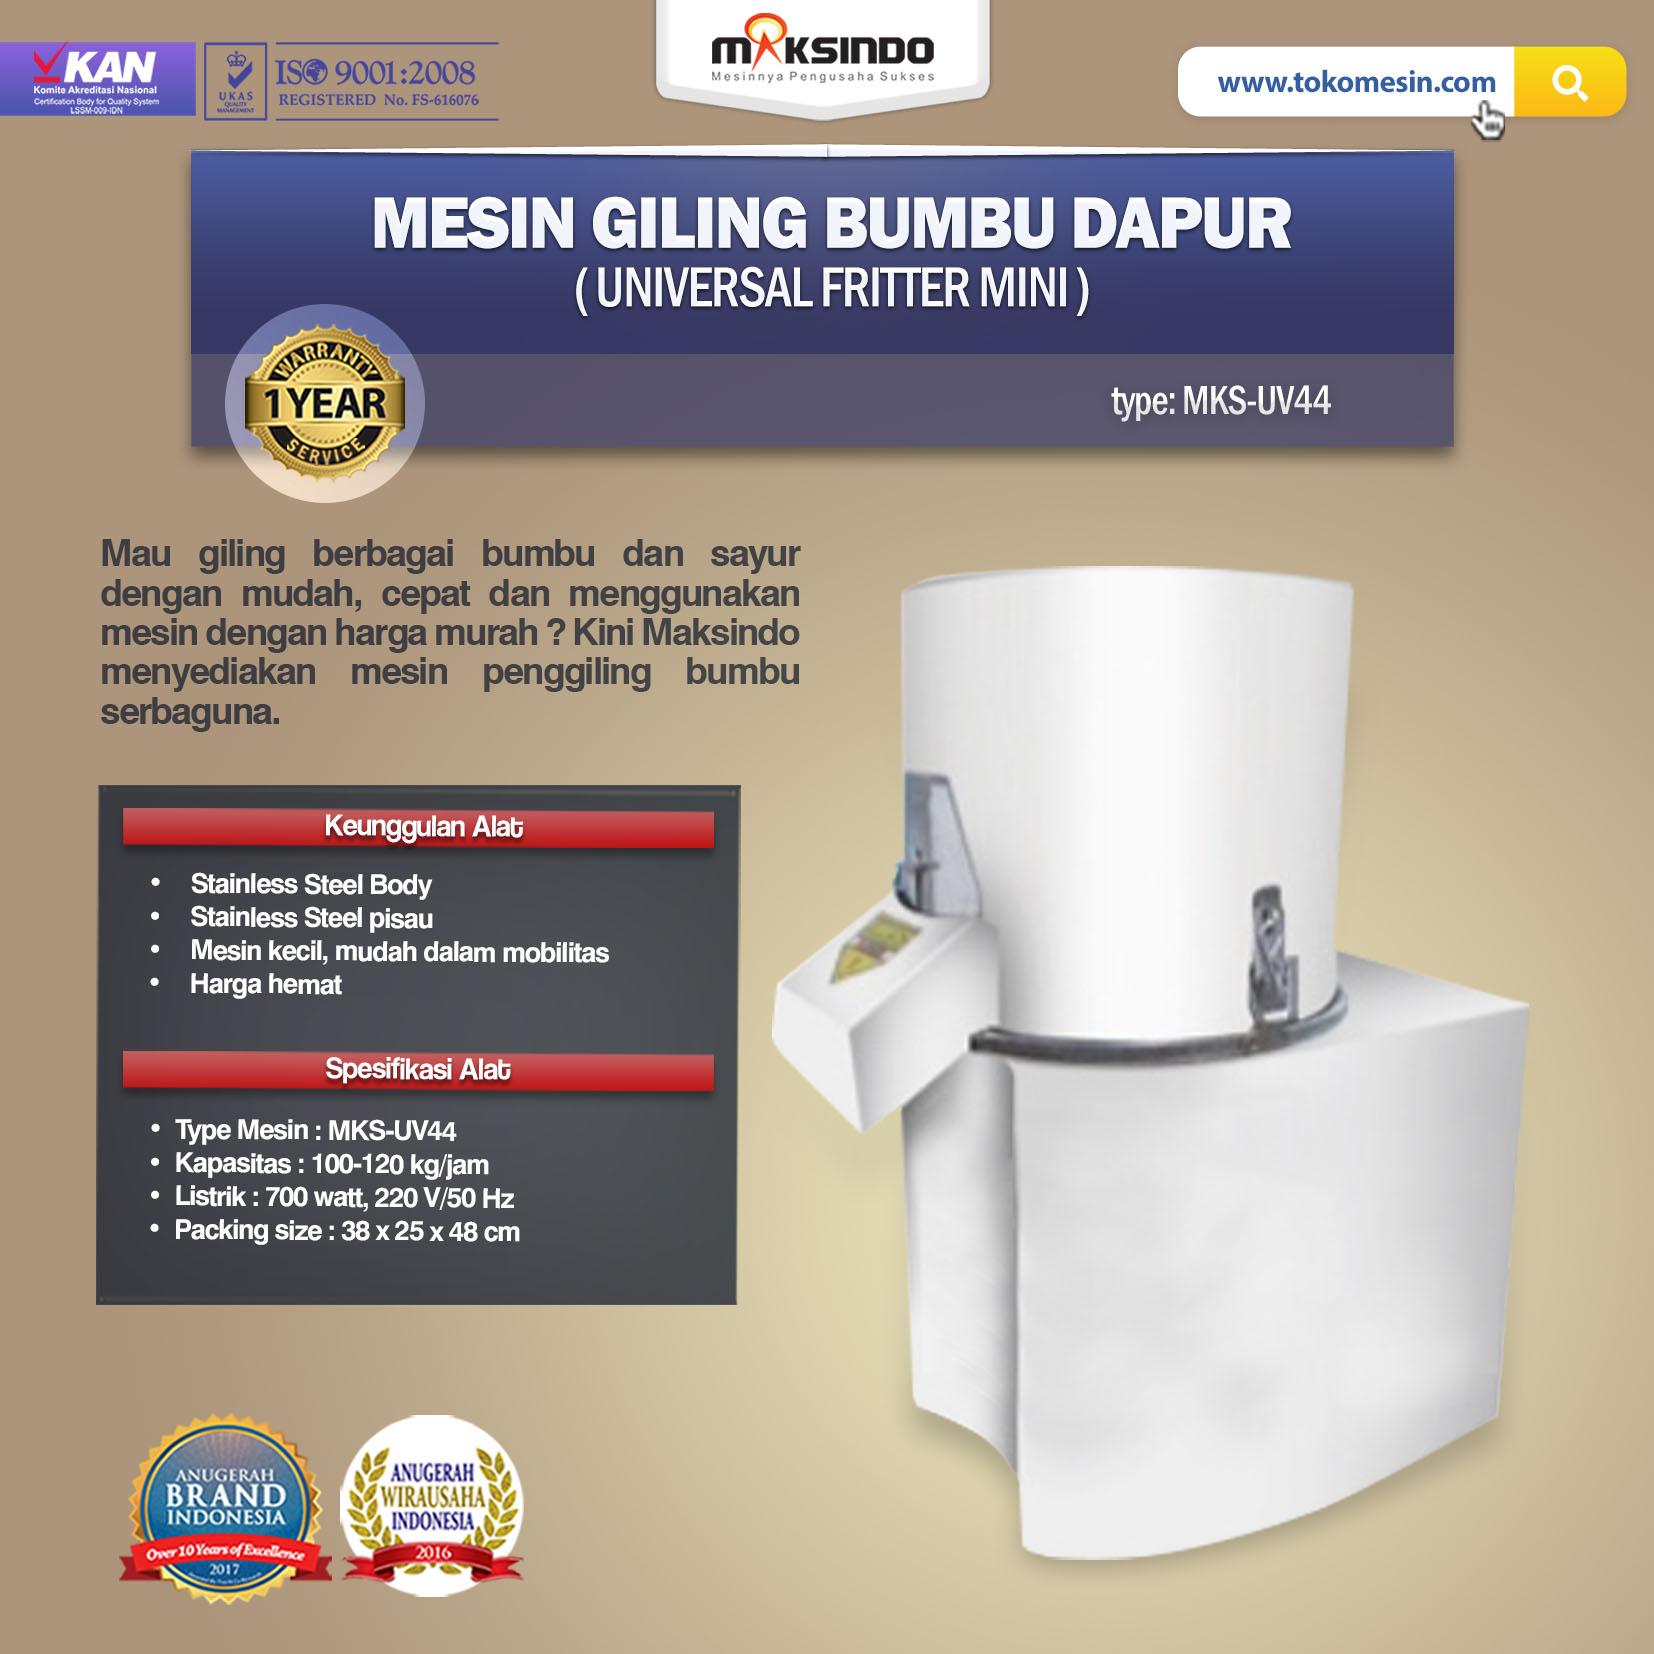 Jual Mesin Giling Bumbu Dapur (Universal Fritter Mini) MKS-UV44 di Tangerang